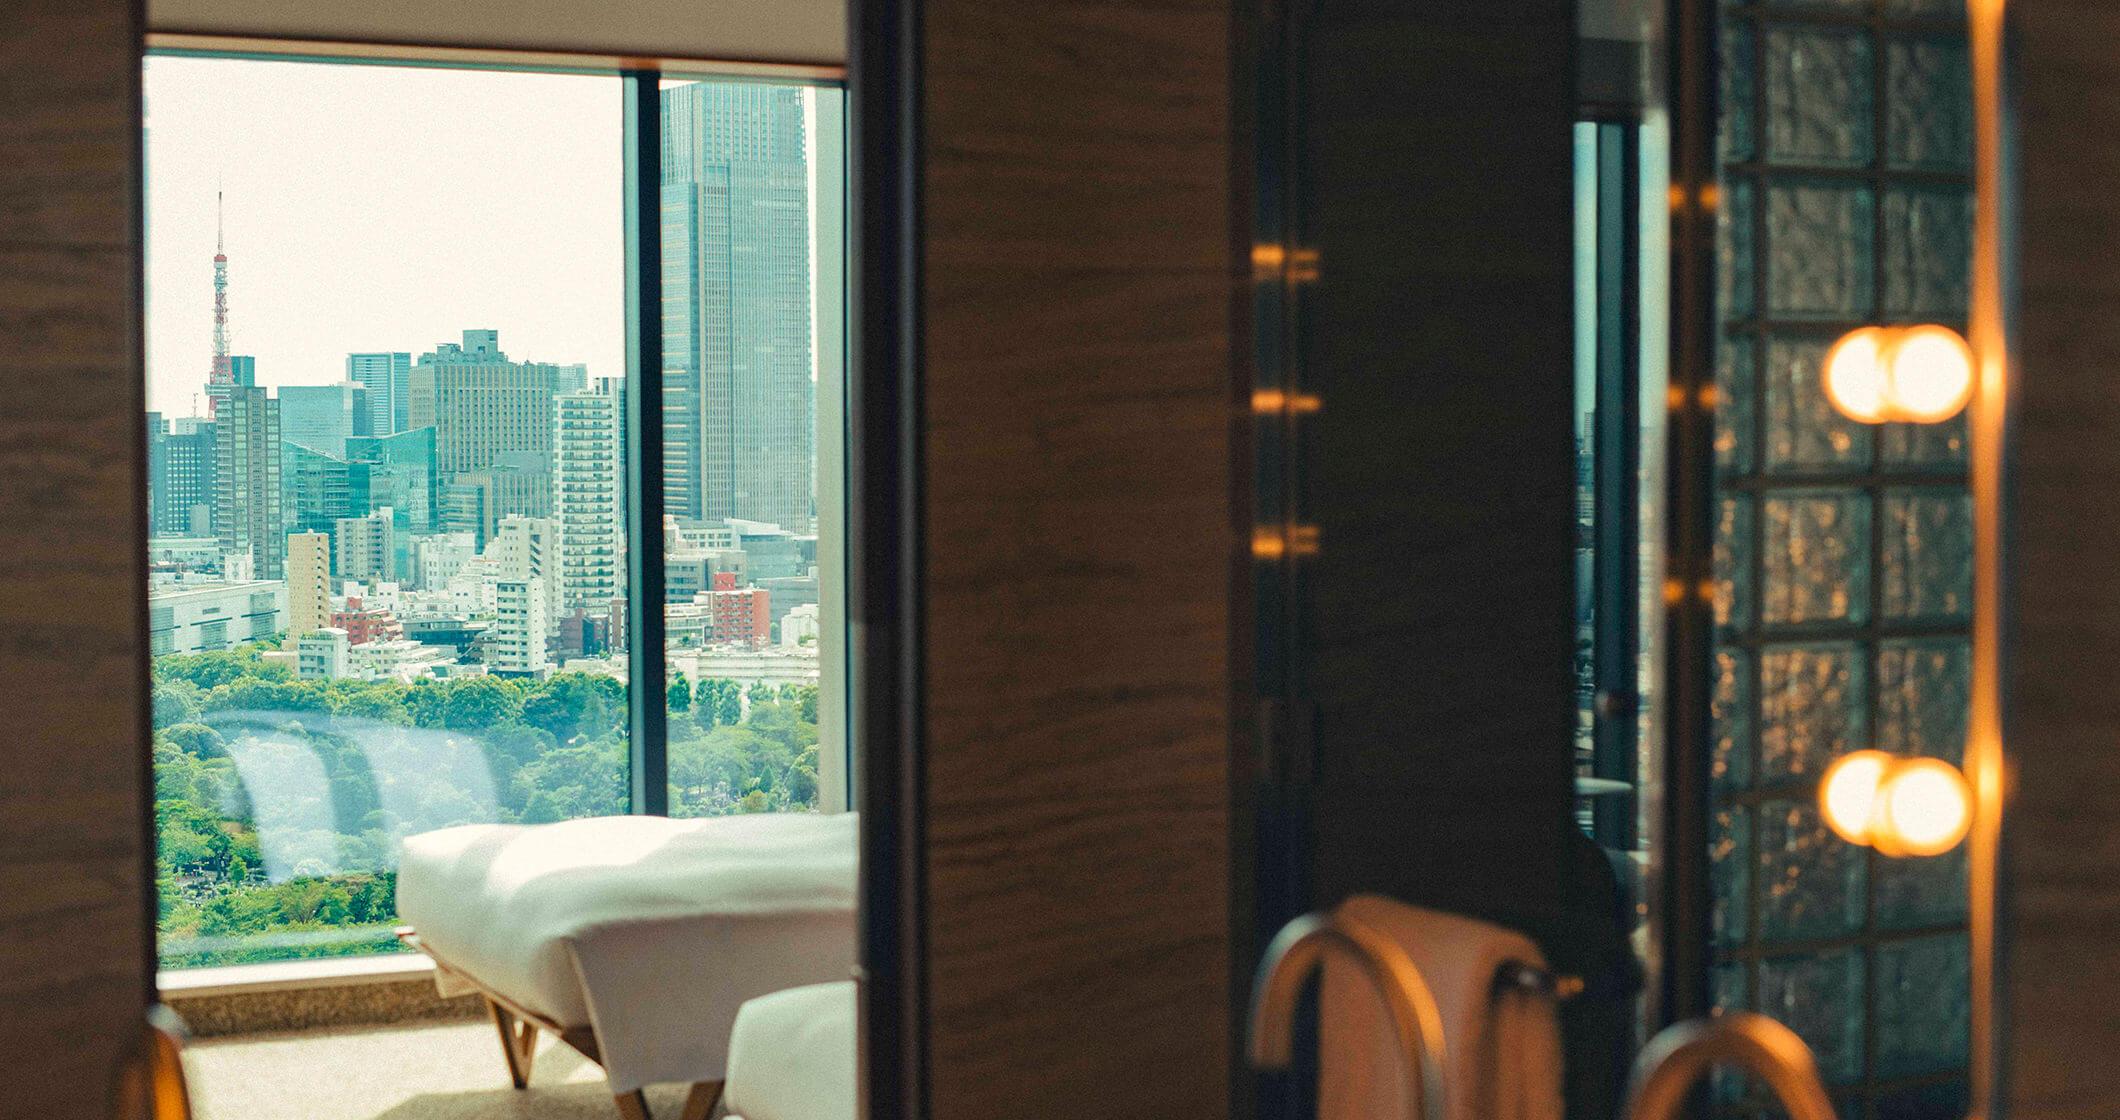 写真:スイートルームから見える景色